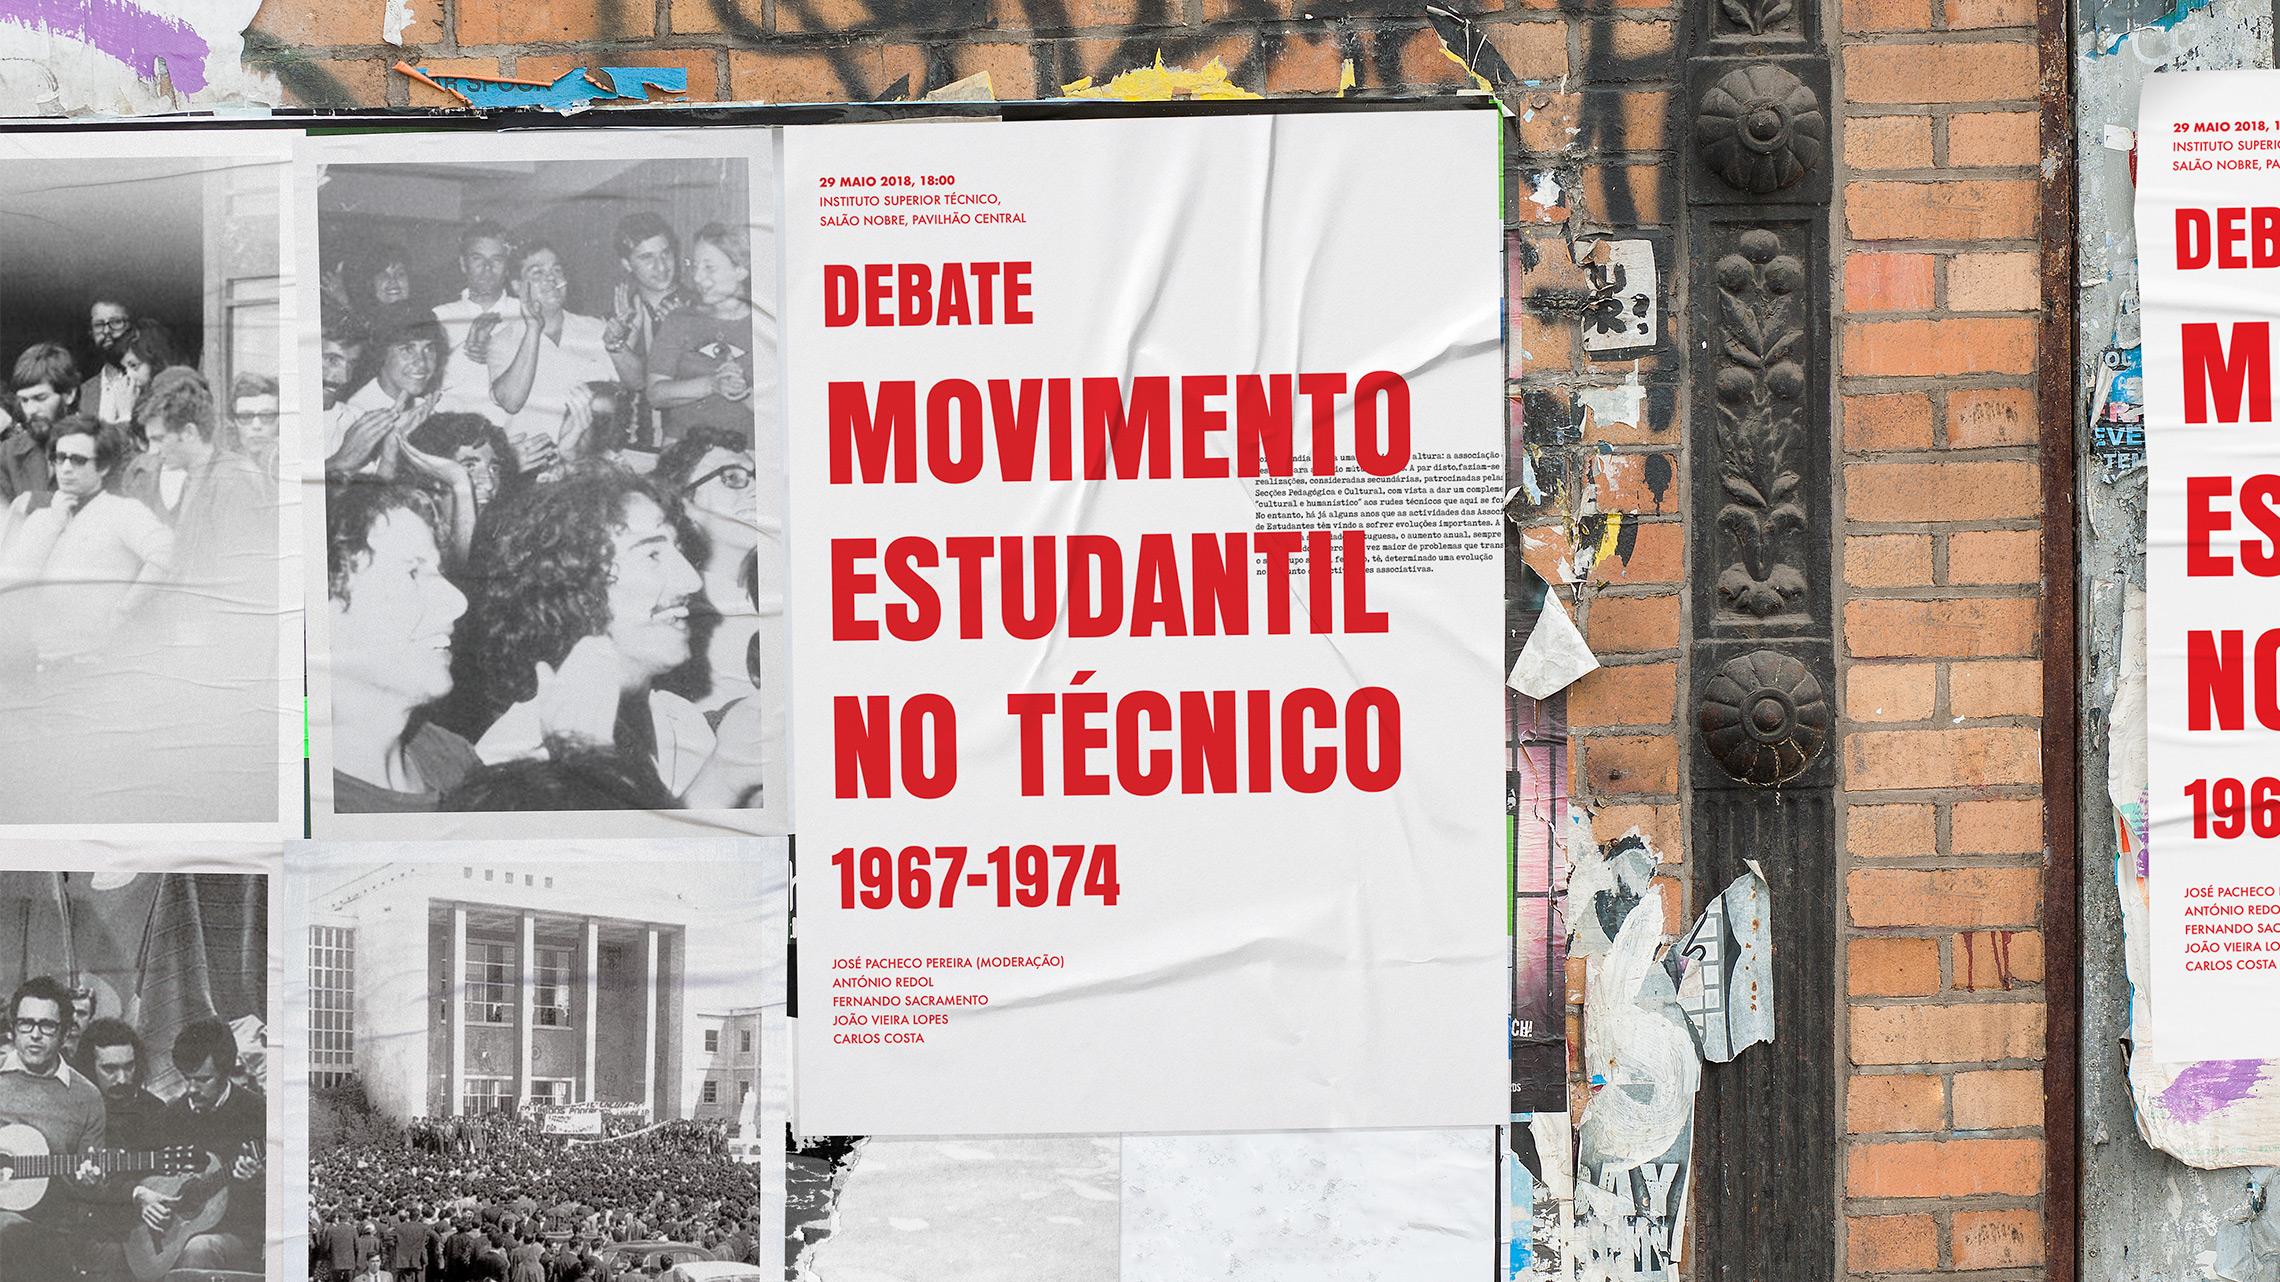 """Debate """"Movimento Estudantil no Técnico (1967-1974)"""""""